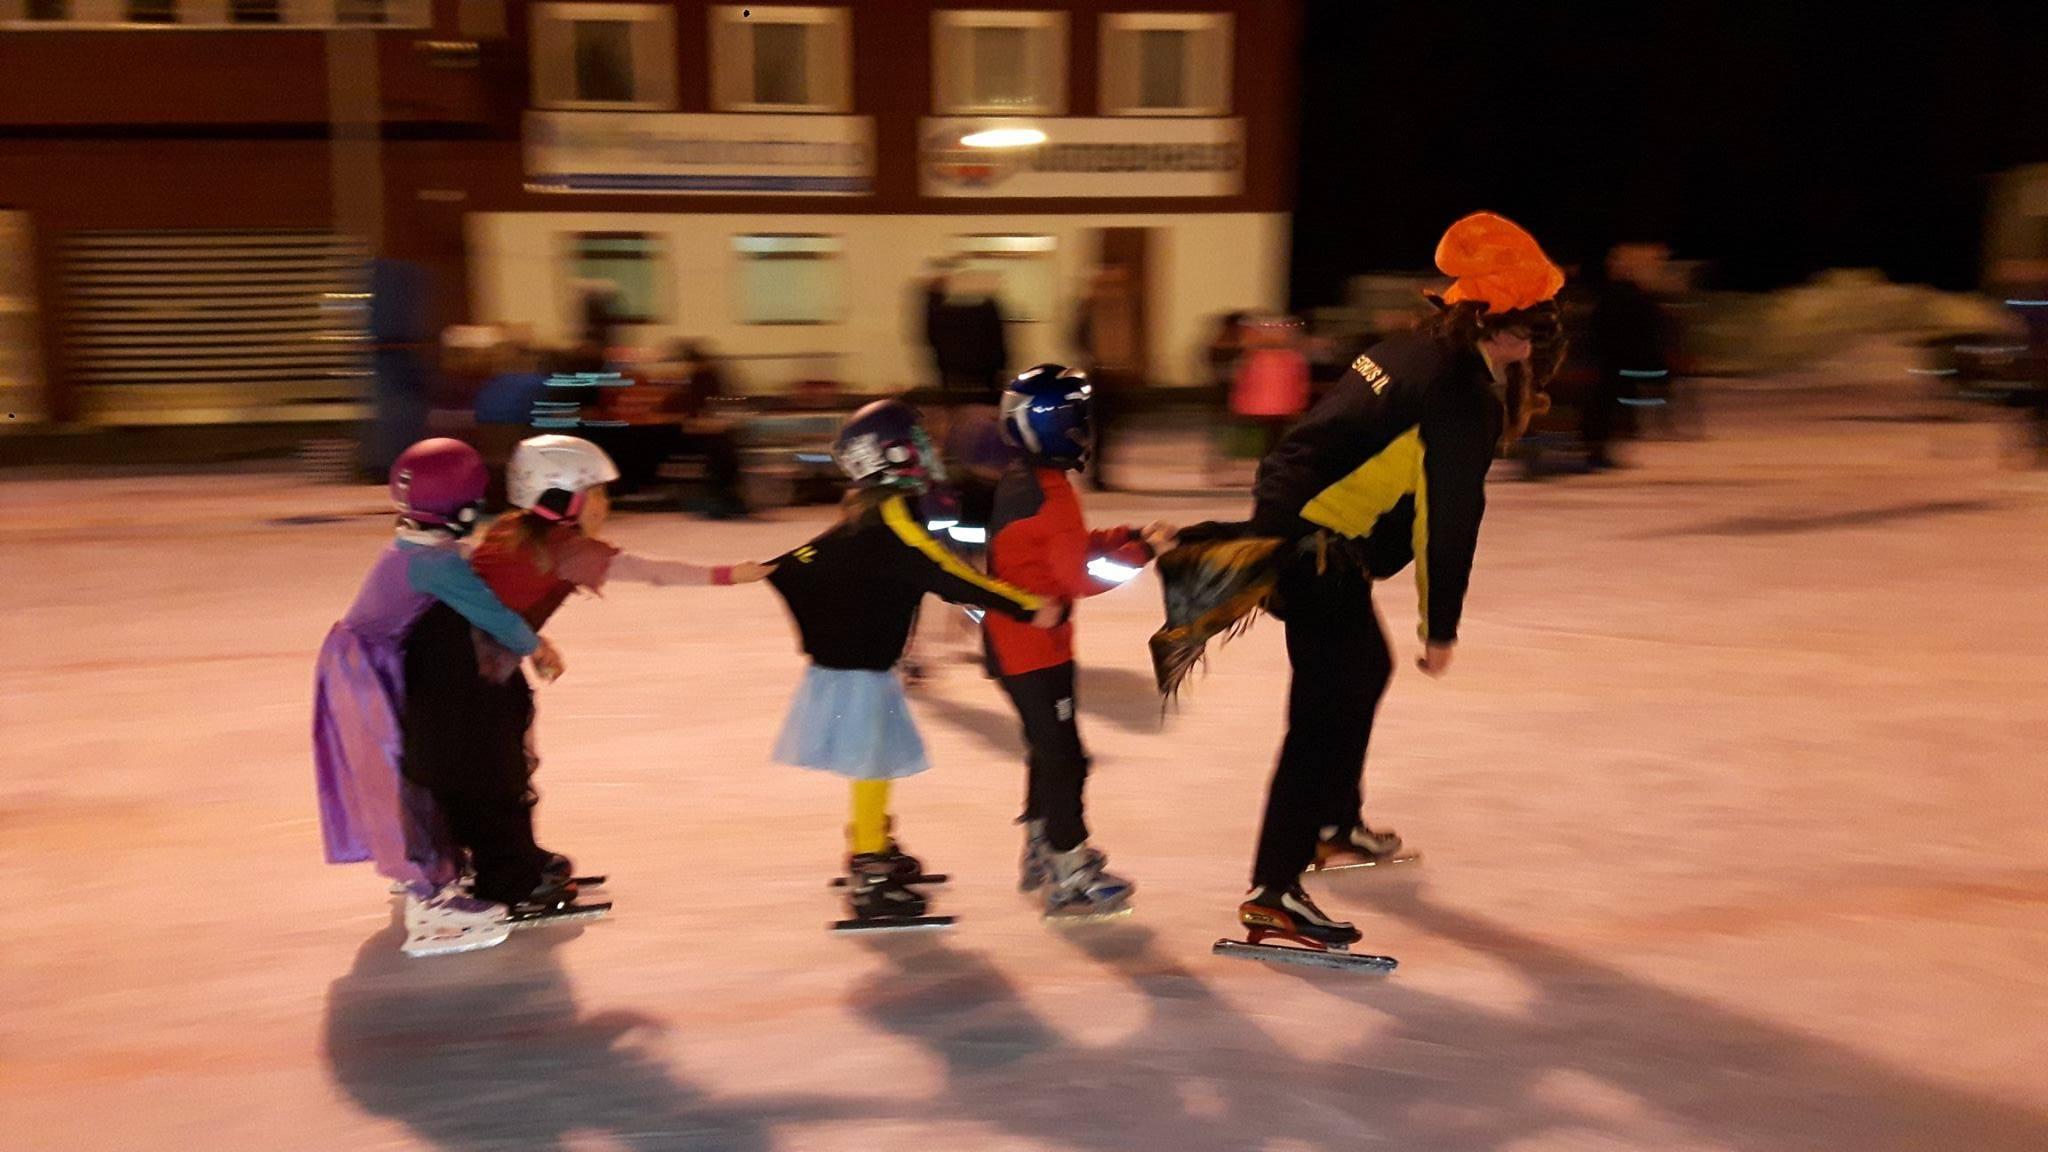 Fire barn som går på skøyter i rekke bak en voksen. Foto.